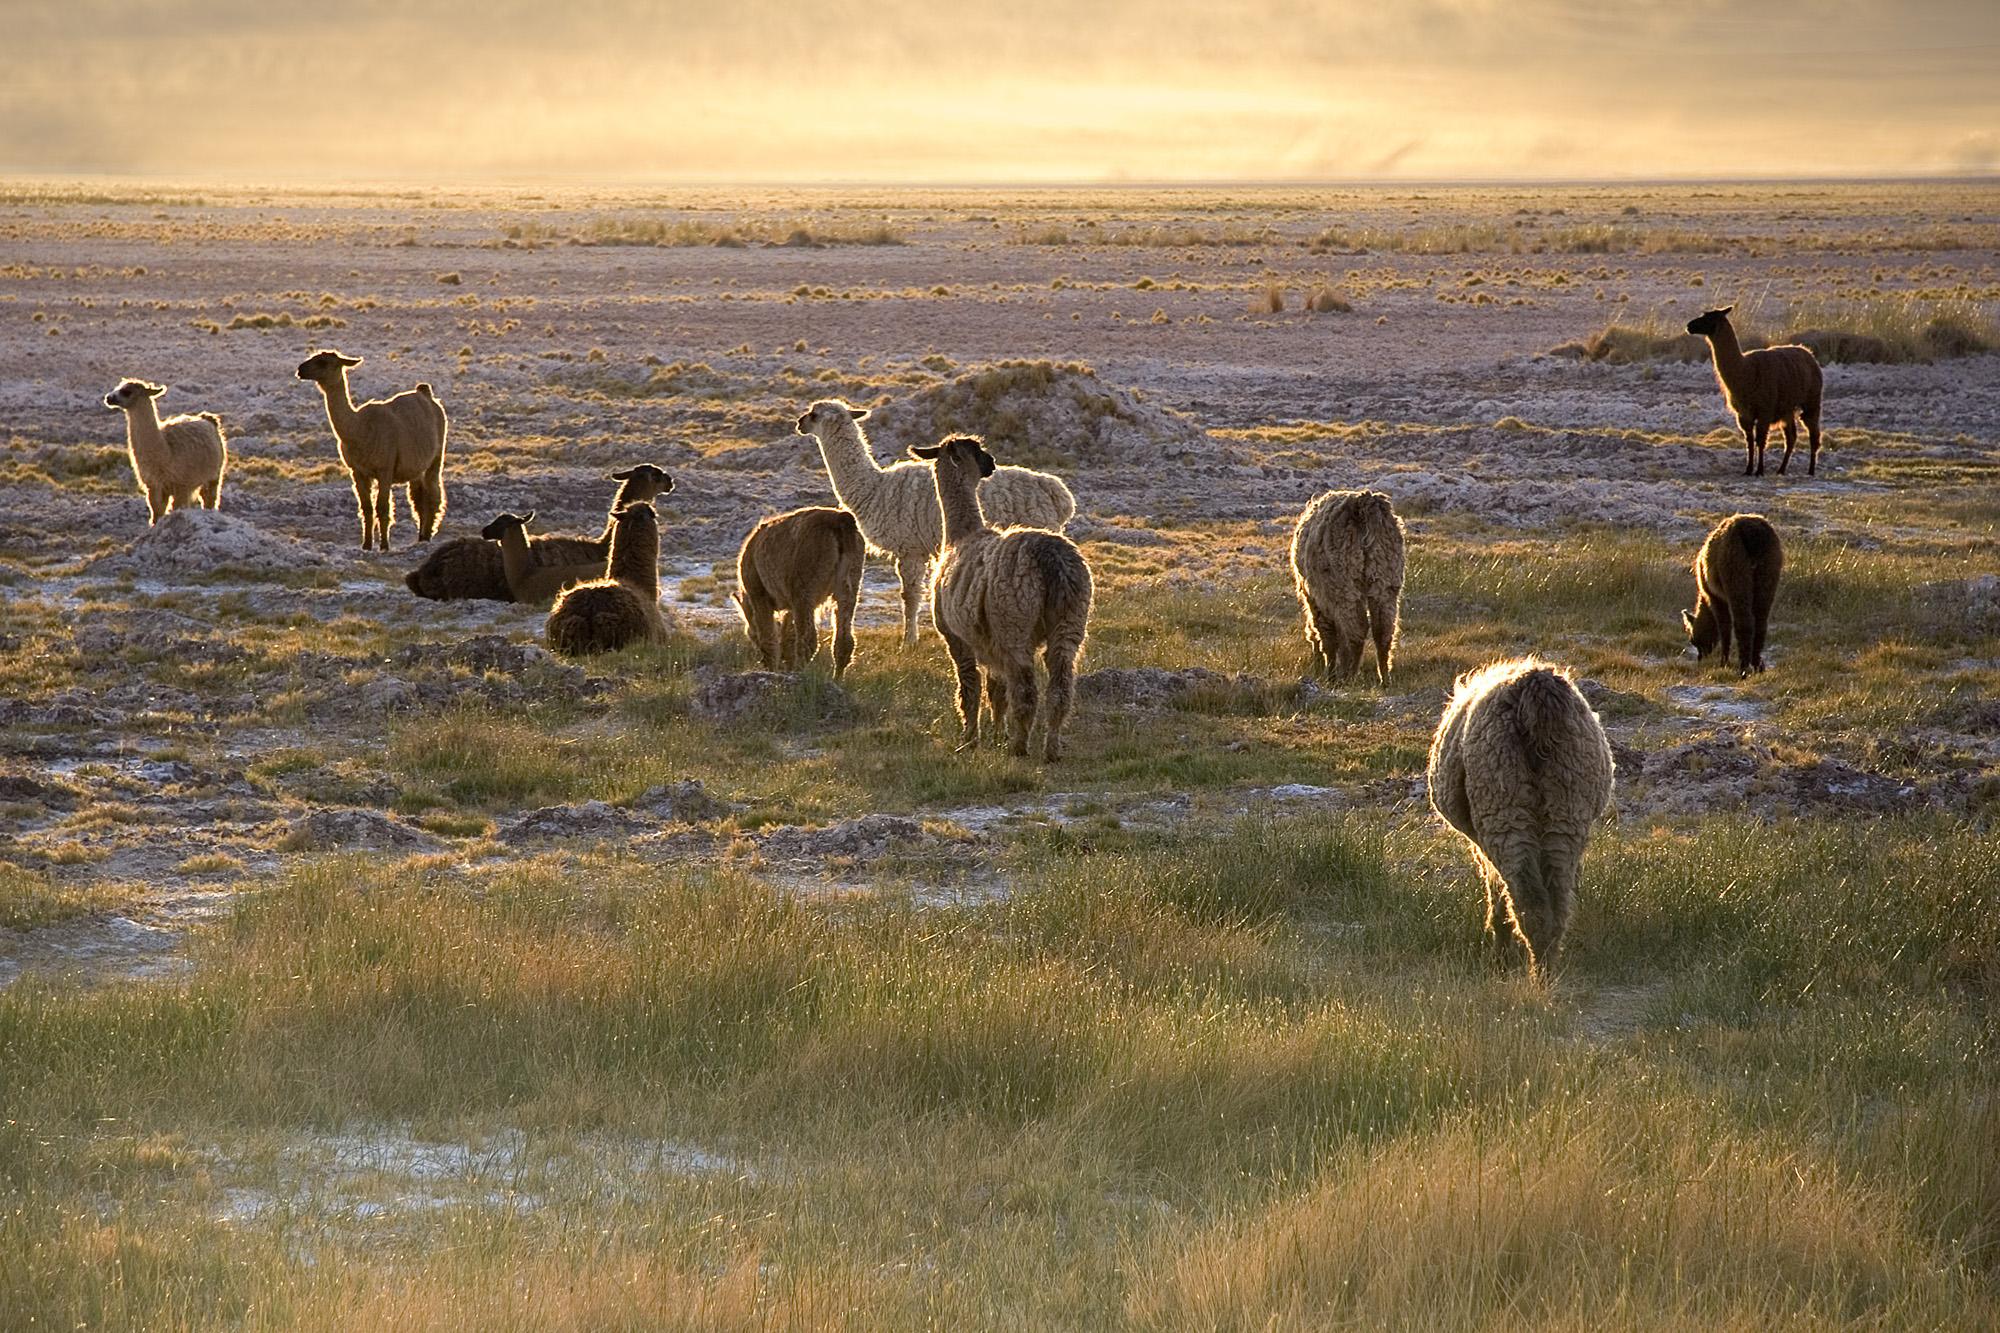 Lamas in the Atacama desert